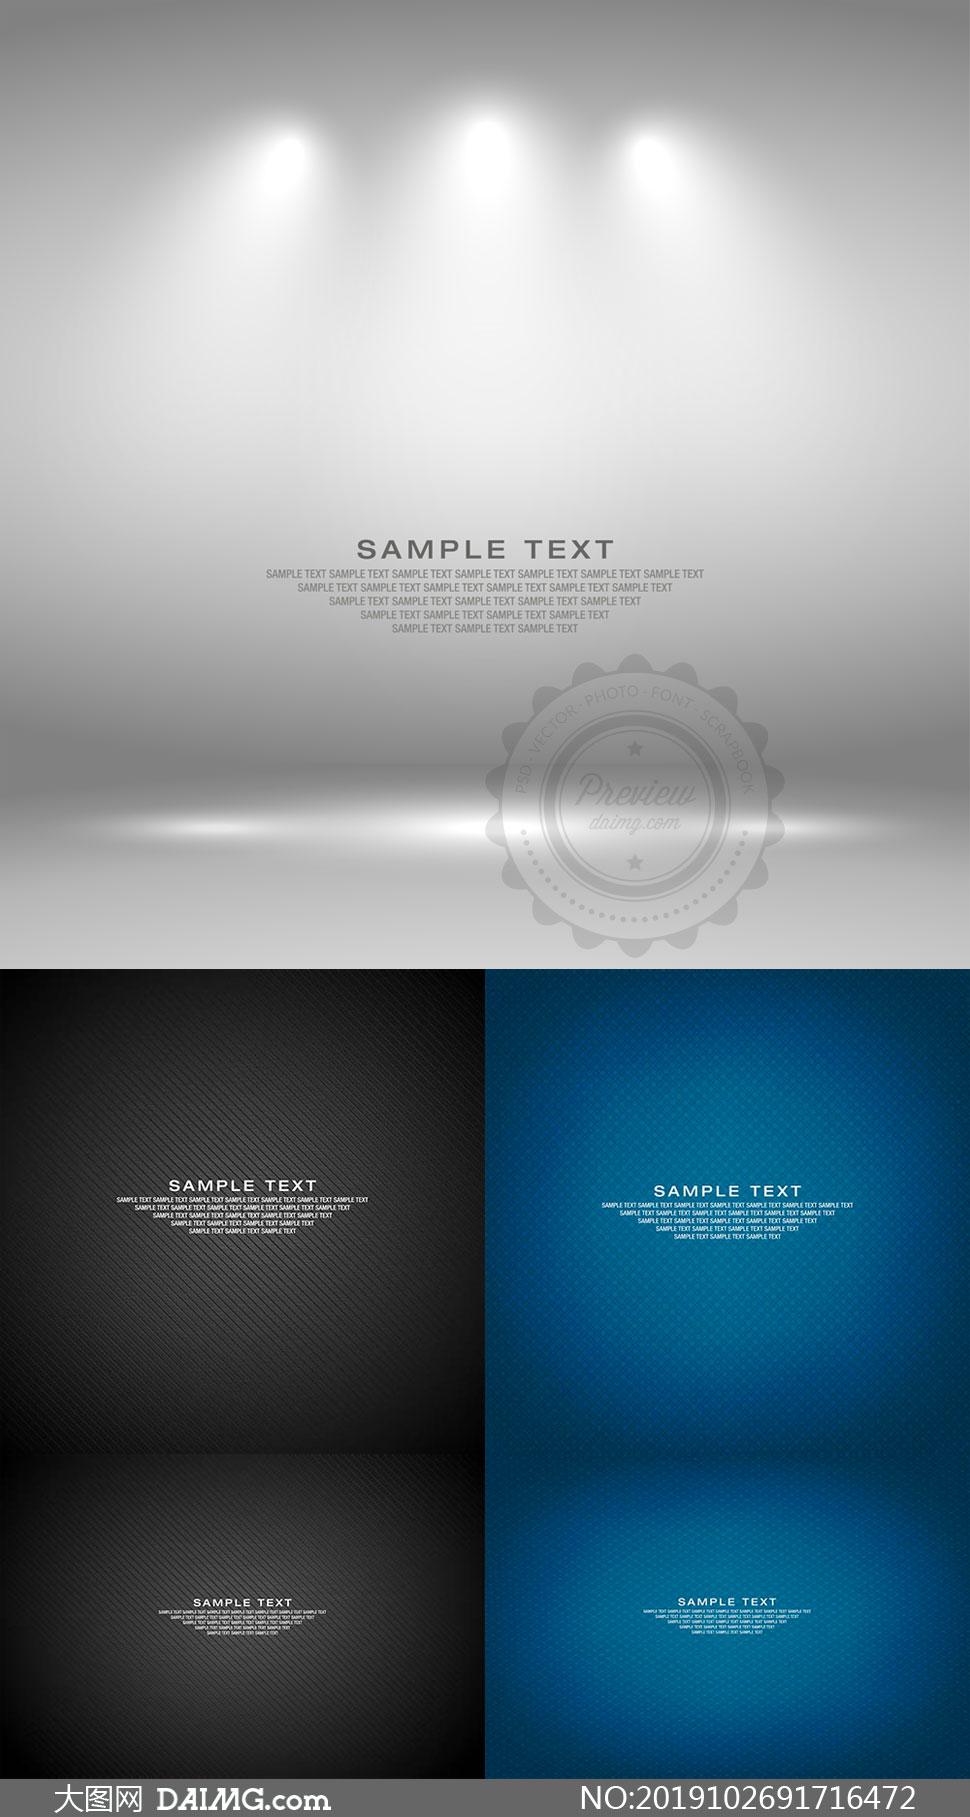 灯光与纹理背景等创意设计矢量素材